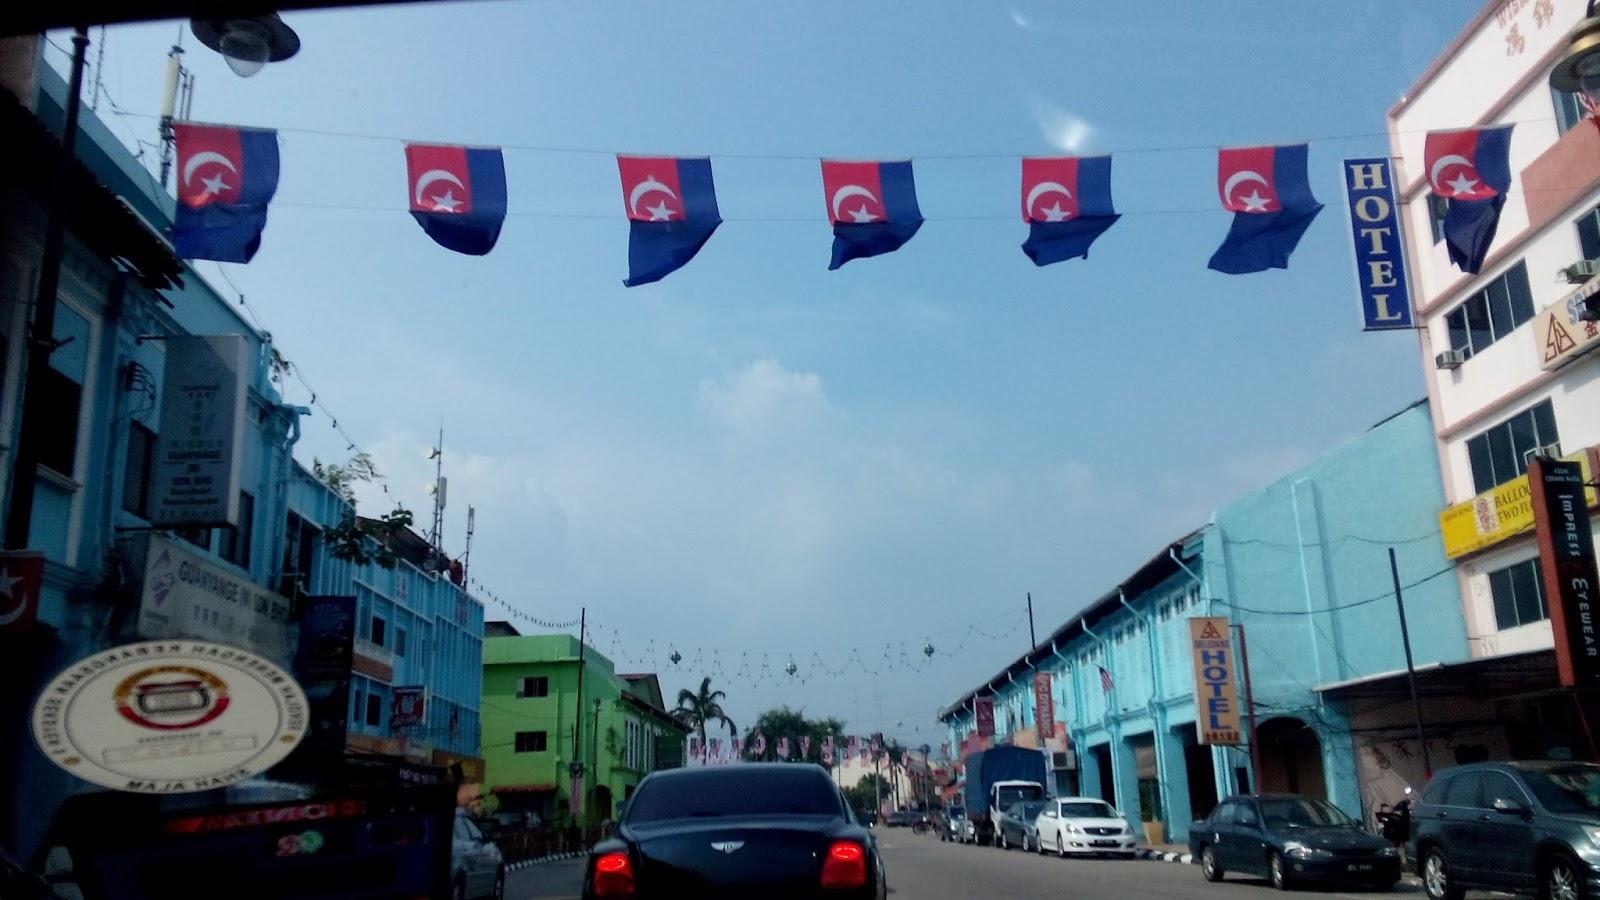 gambar bendera malaysia dan maksud